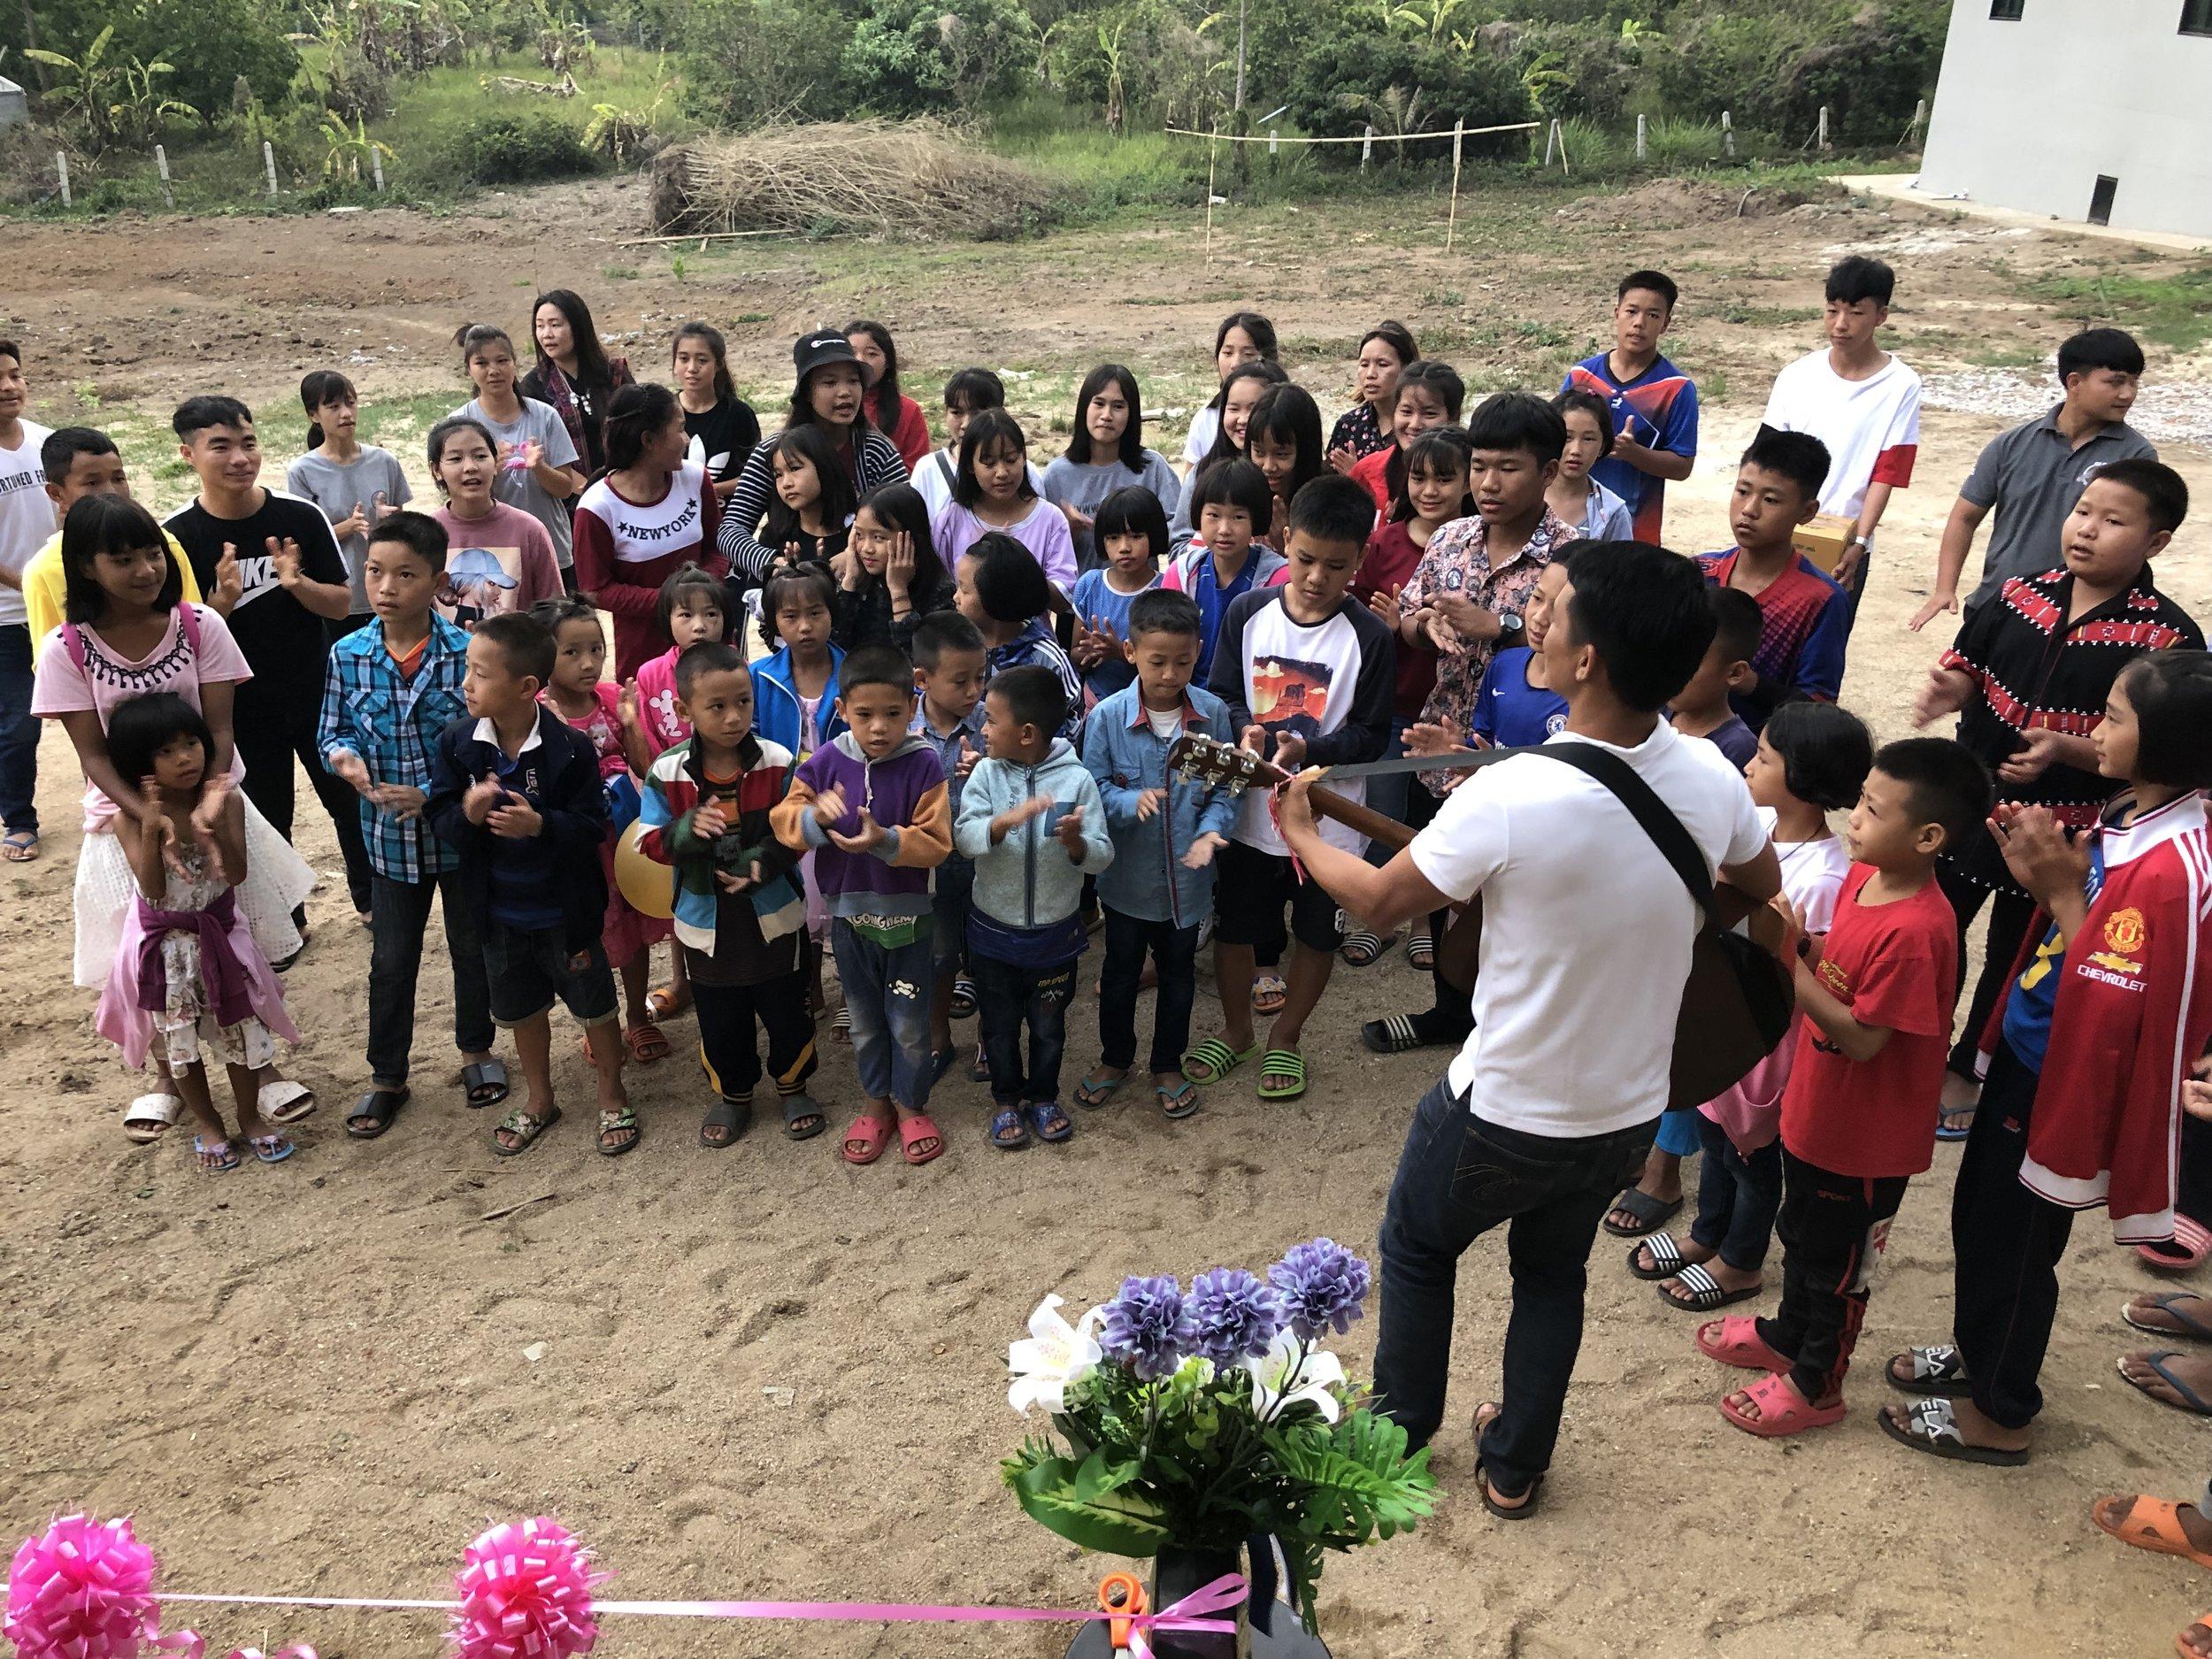 Barna fra Huadoi bidro med sang og musikk – Foto: Knut Inge Bergem